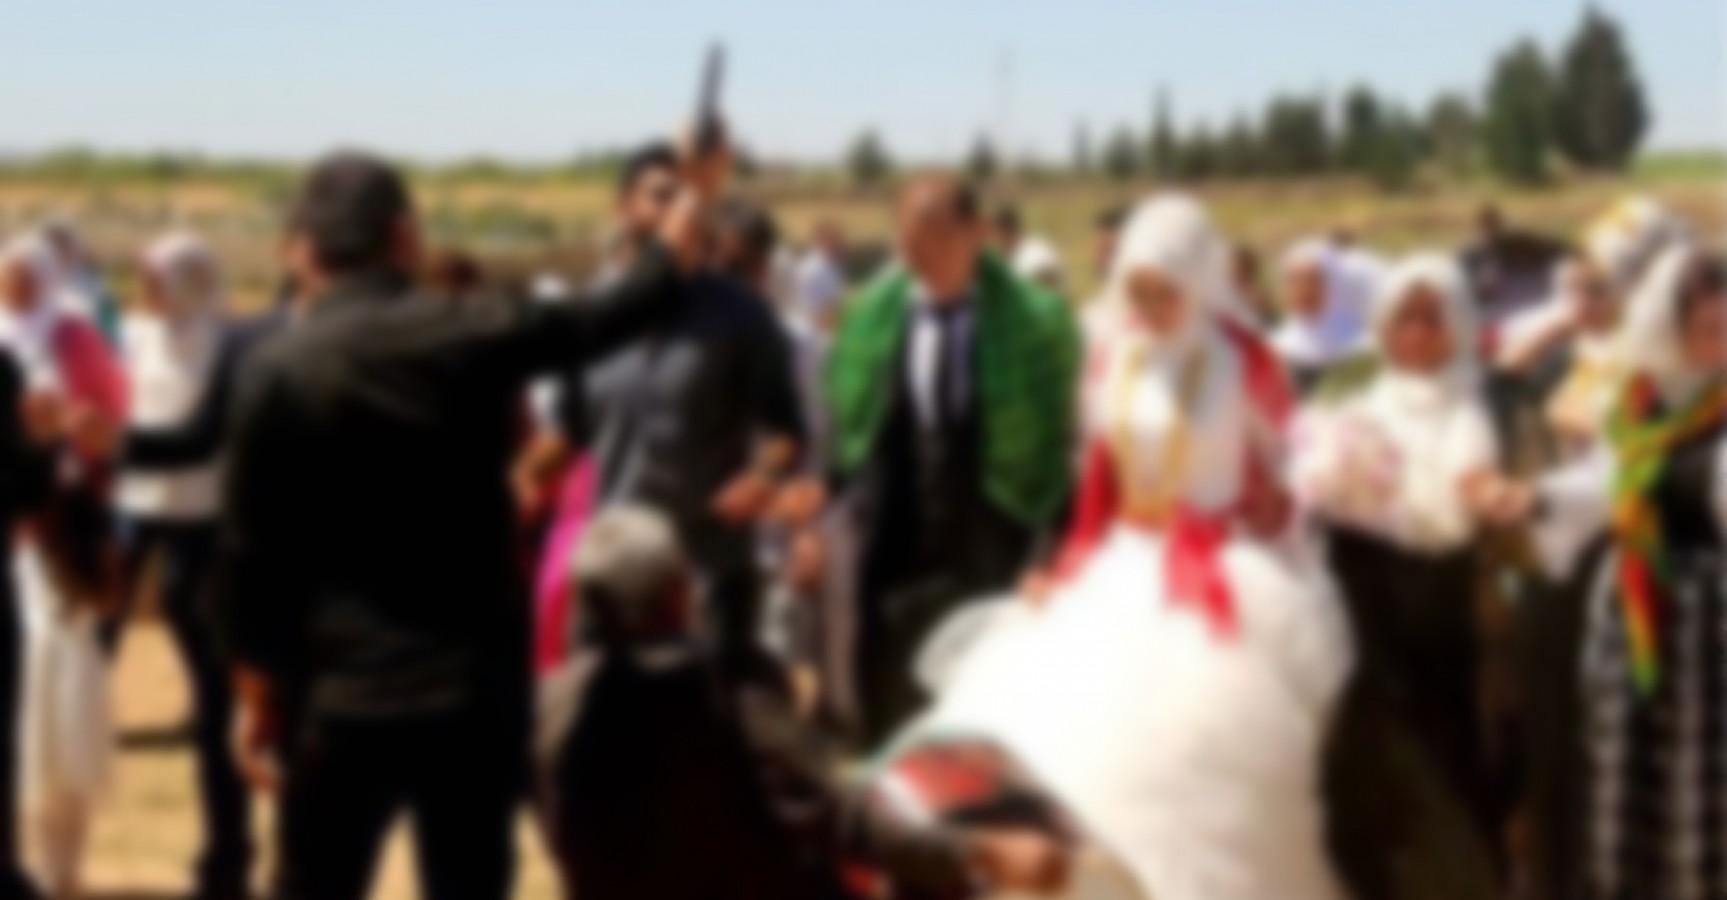 Düğünde sıkılan kurşunlar 11 yaşındaki çocuğu yaraladı!